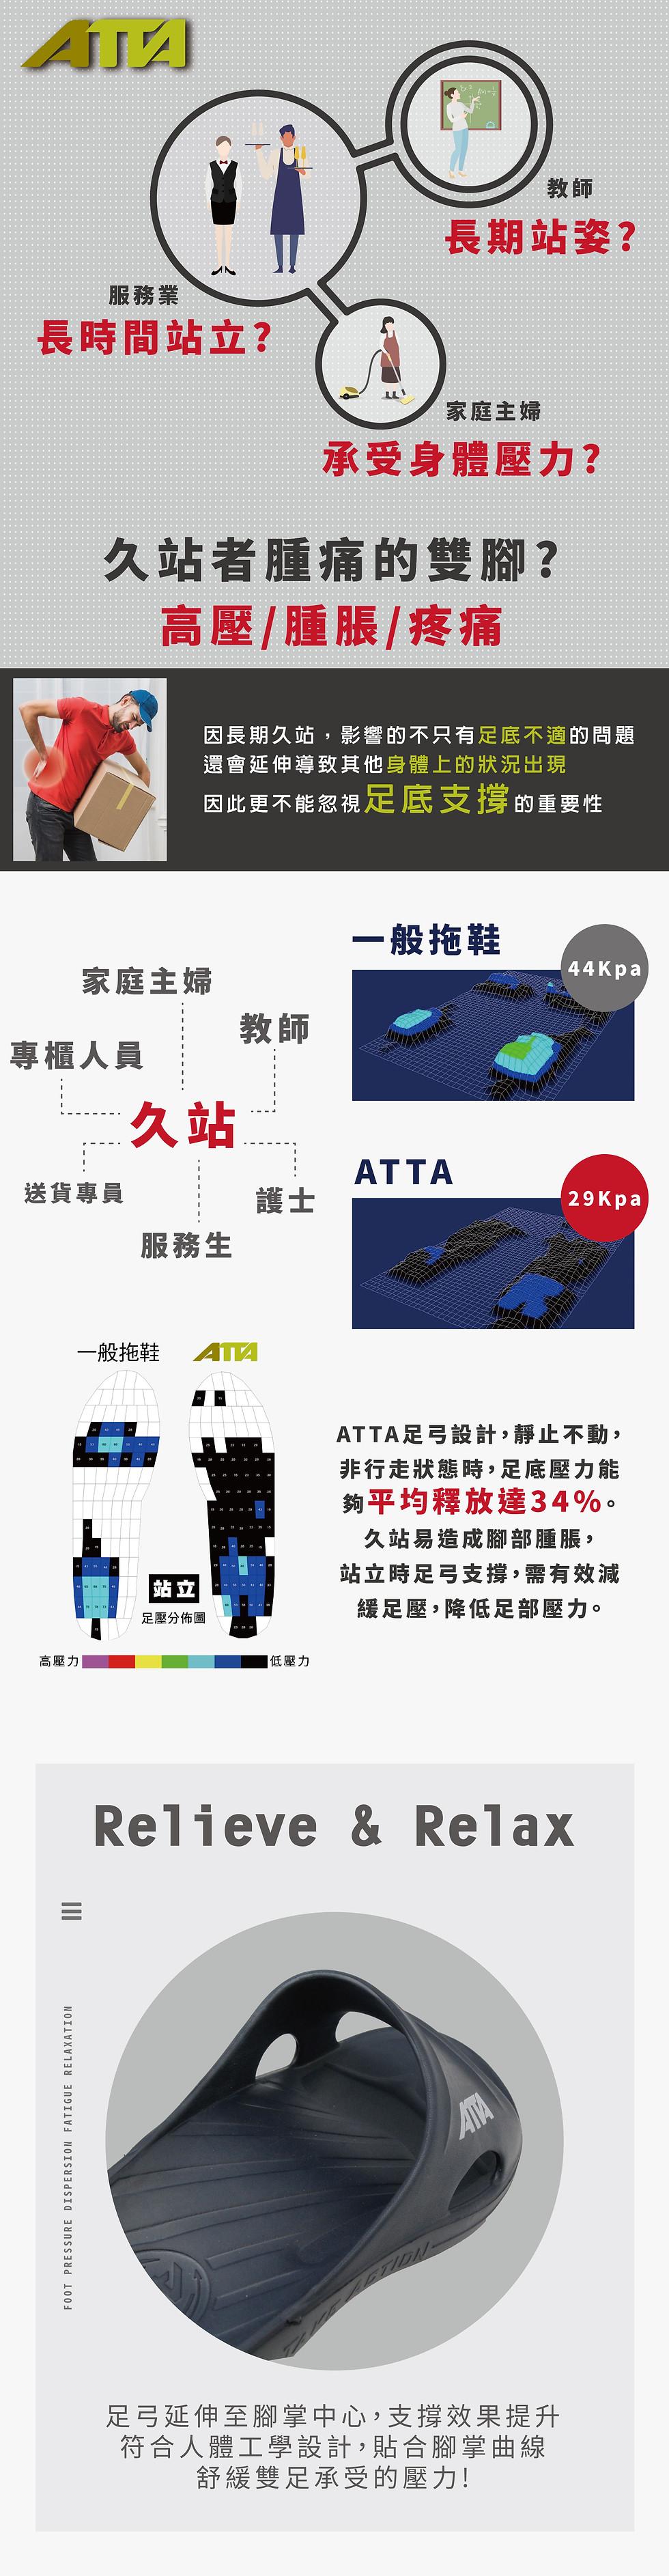 ATTA族群分析-久站2.jpg